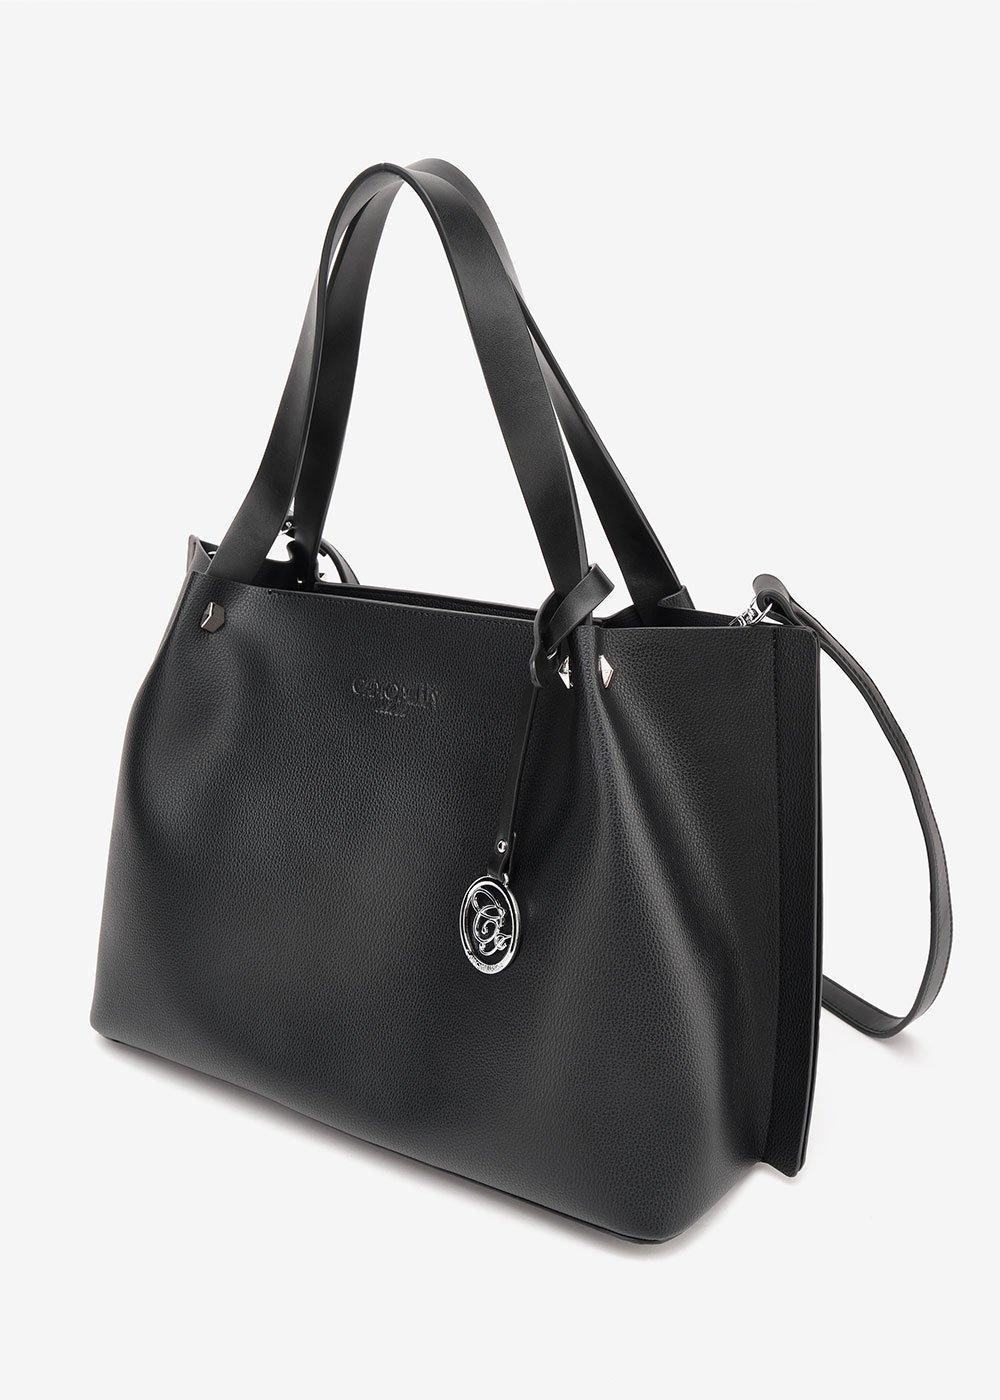 Shopping bag Banny con logo pendente - Black - Donna